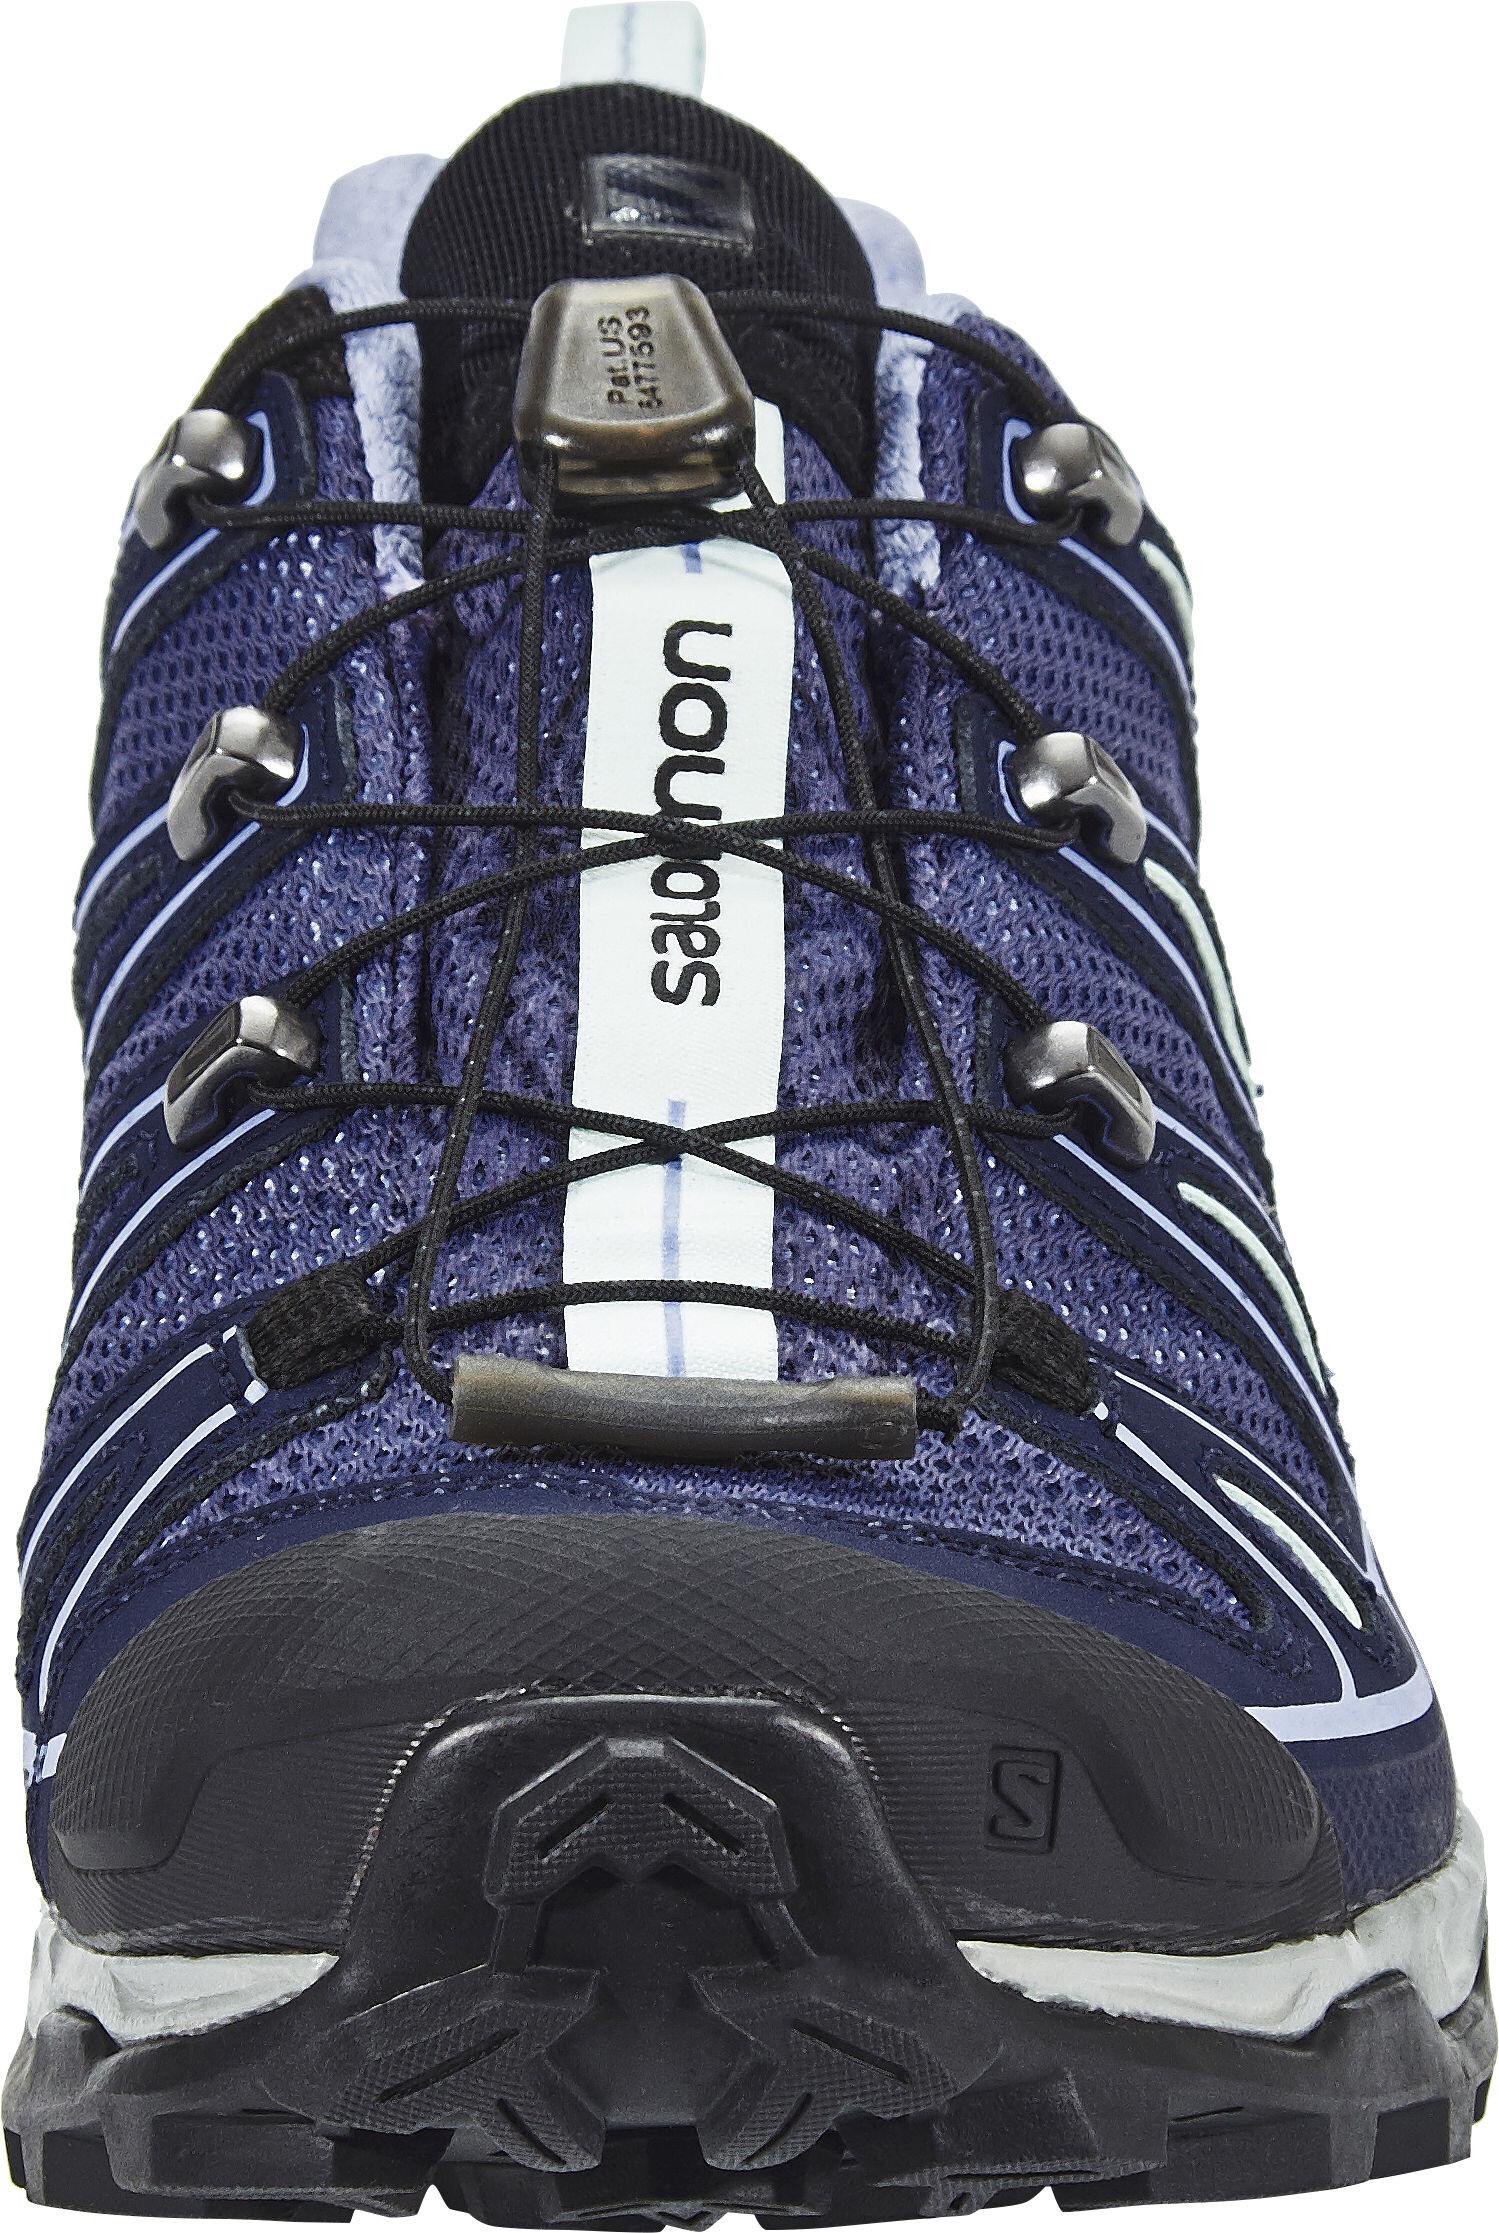 2a7e0d58cfd Salomon X Ultra 2 GTX Schoenen Dames violet l Outdoor winkel campz.be